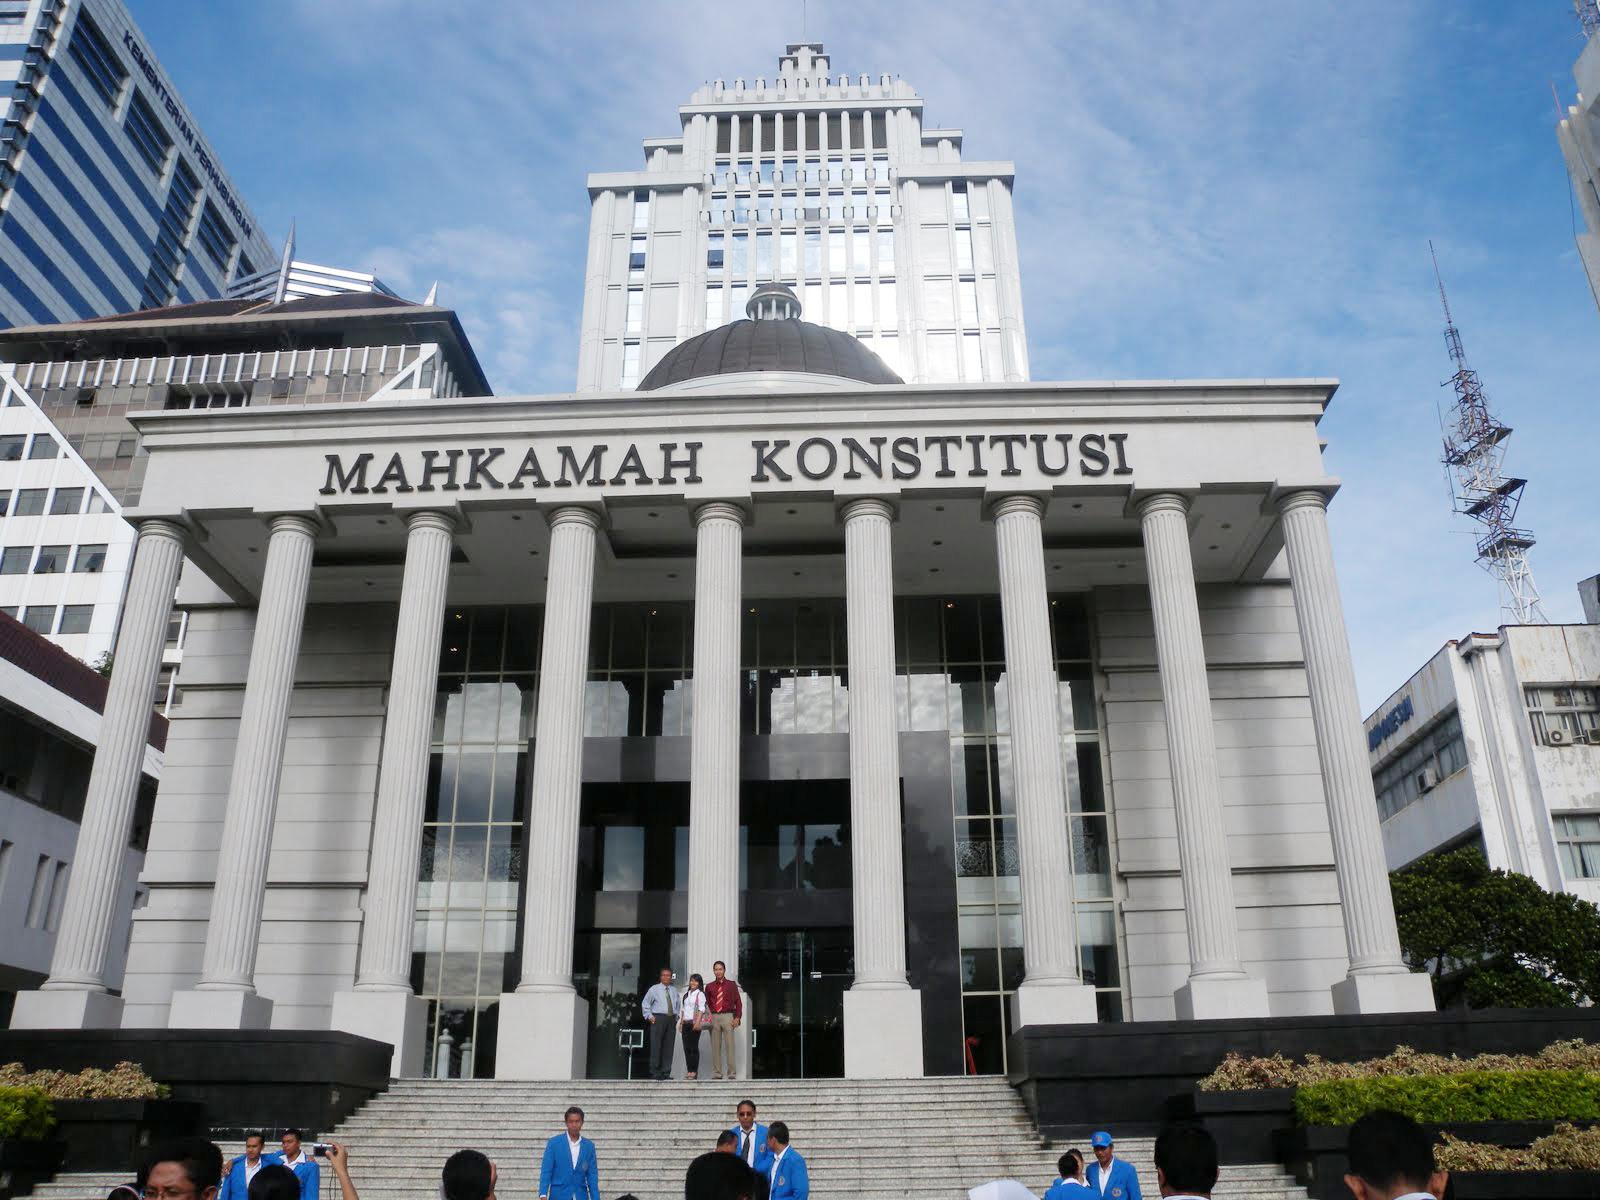 Gugatan UU KUP di MK Berlanjut, Ini Kata Ahli dan Saksi Pemohon